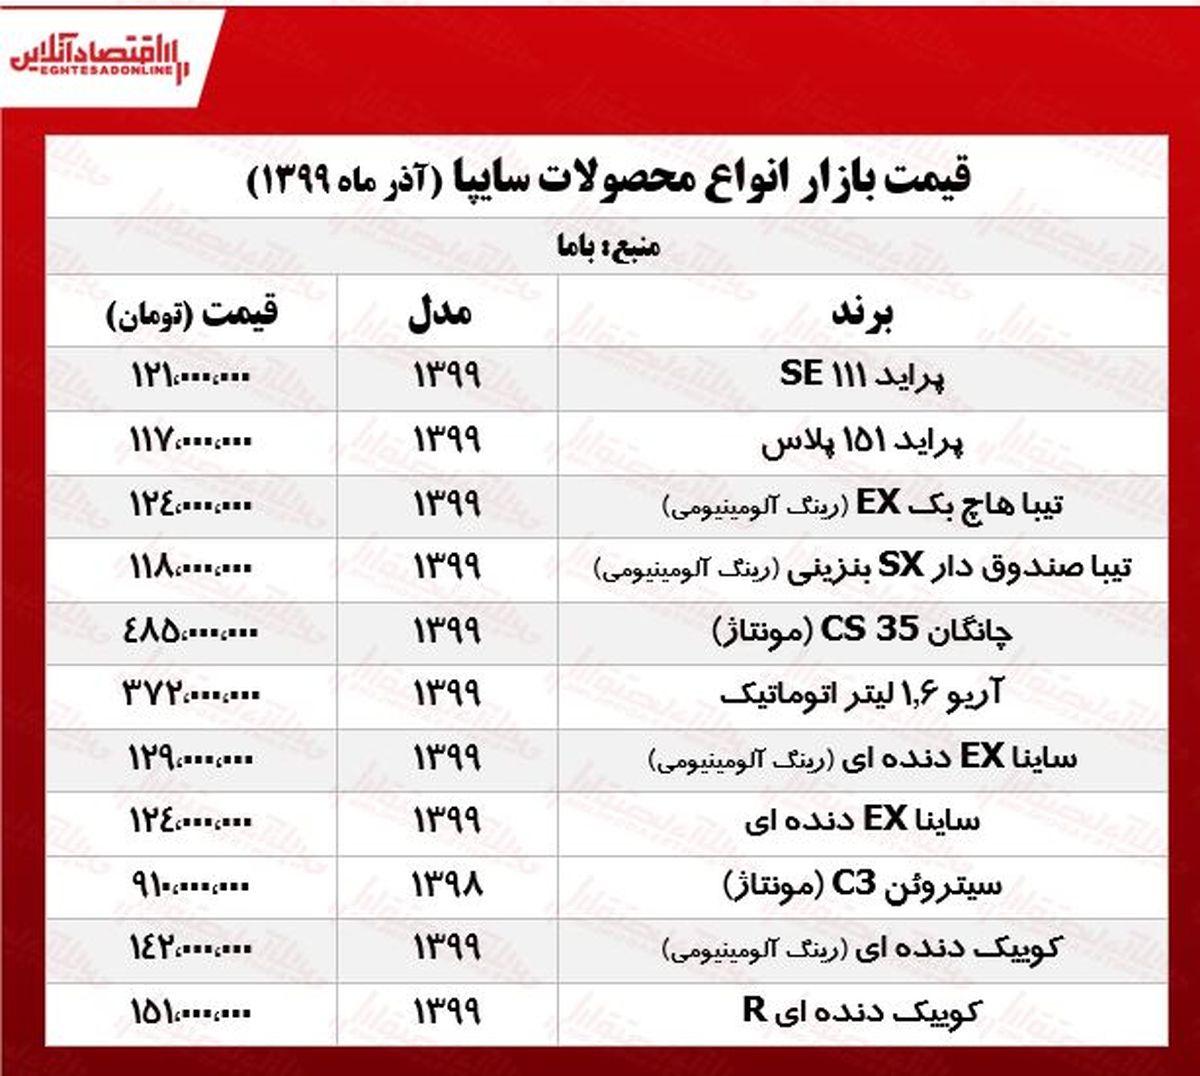 قیمت جدید خودروهای سایپا +جدول